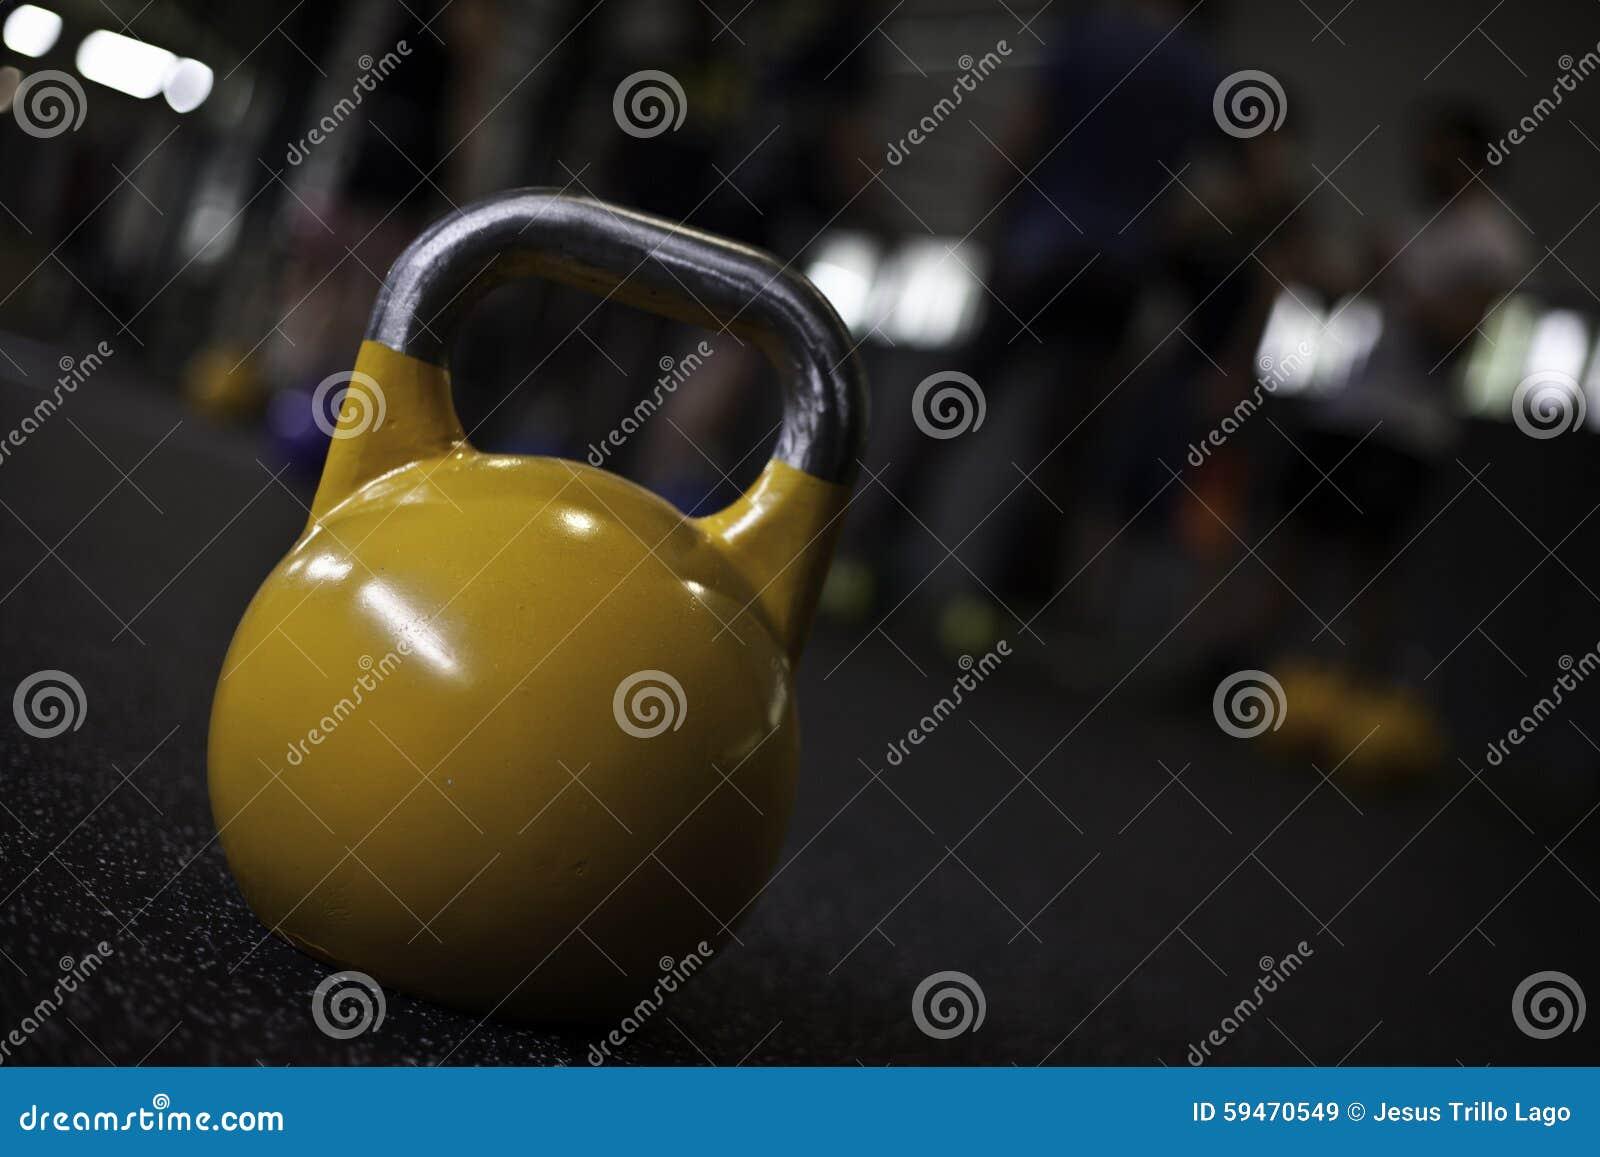 Circuito Kettlebell : Kettlebell giallo in una palestra del crossfit immagine stock